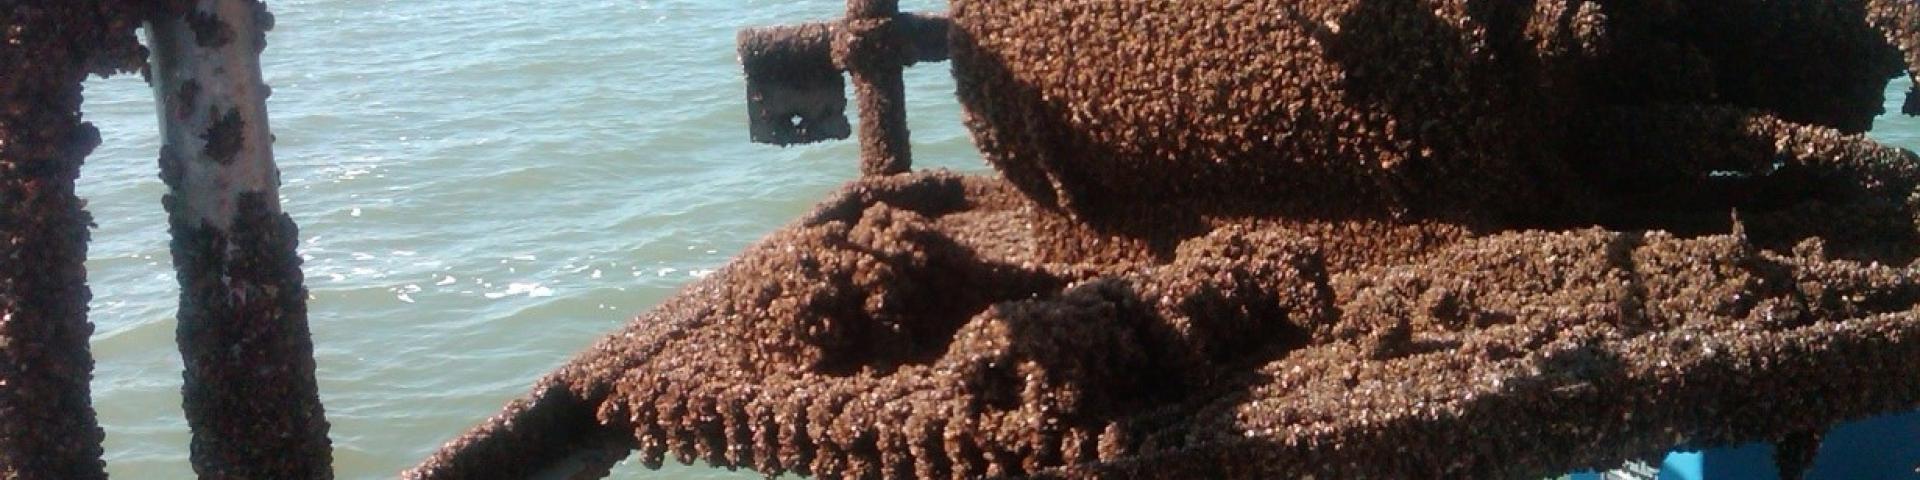 lake michigan mussels